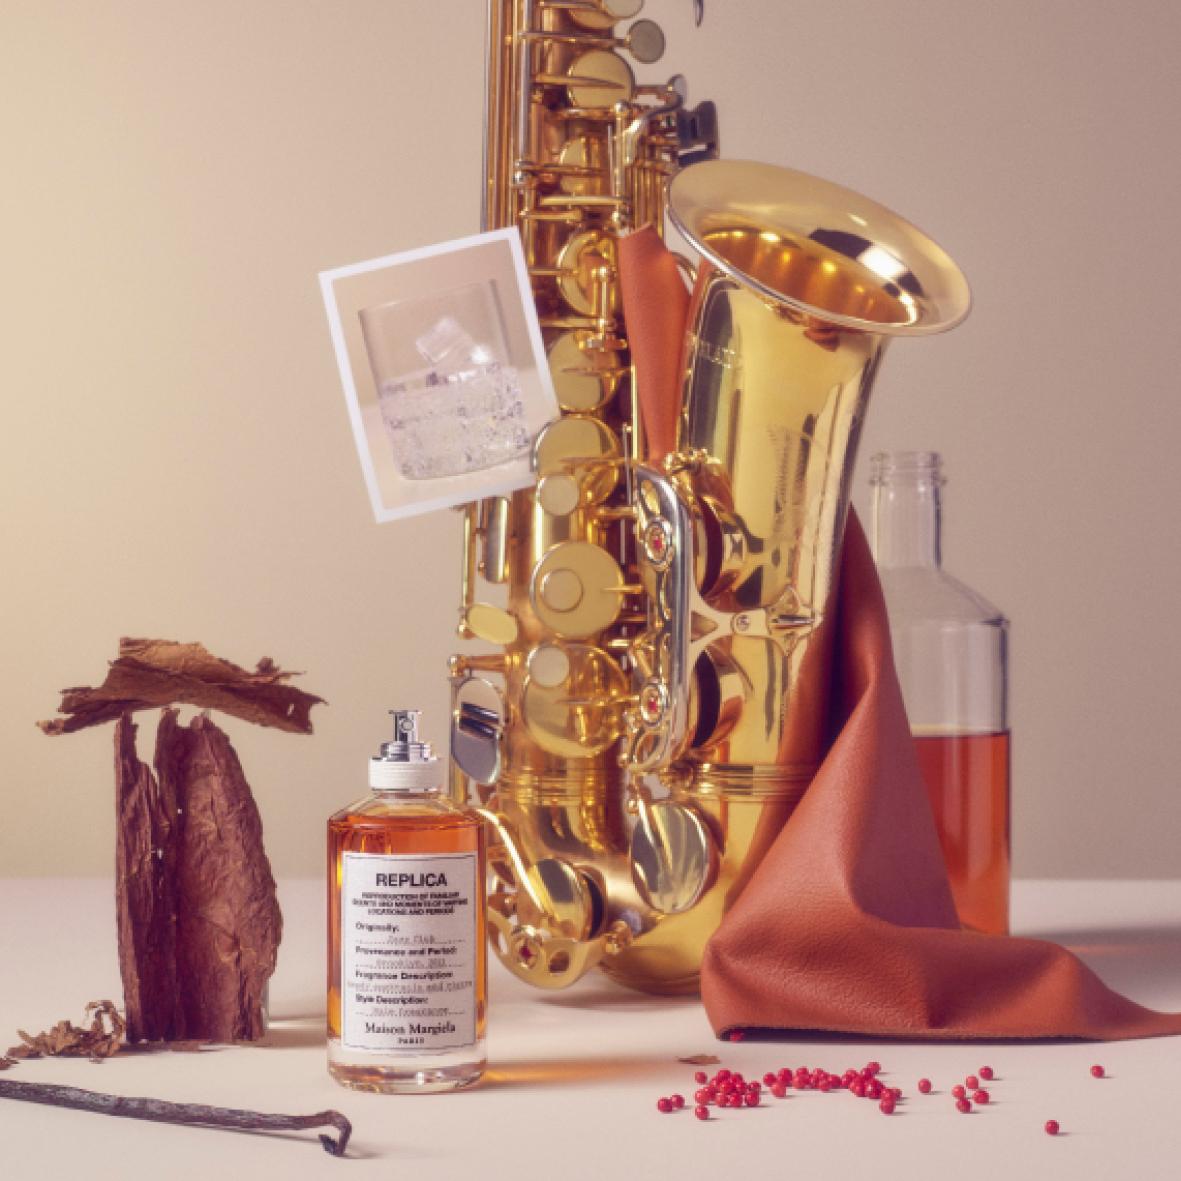 REPLICA Jazz Club product media